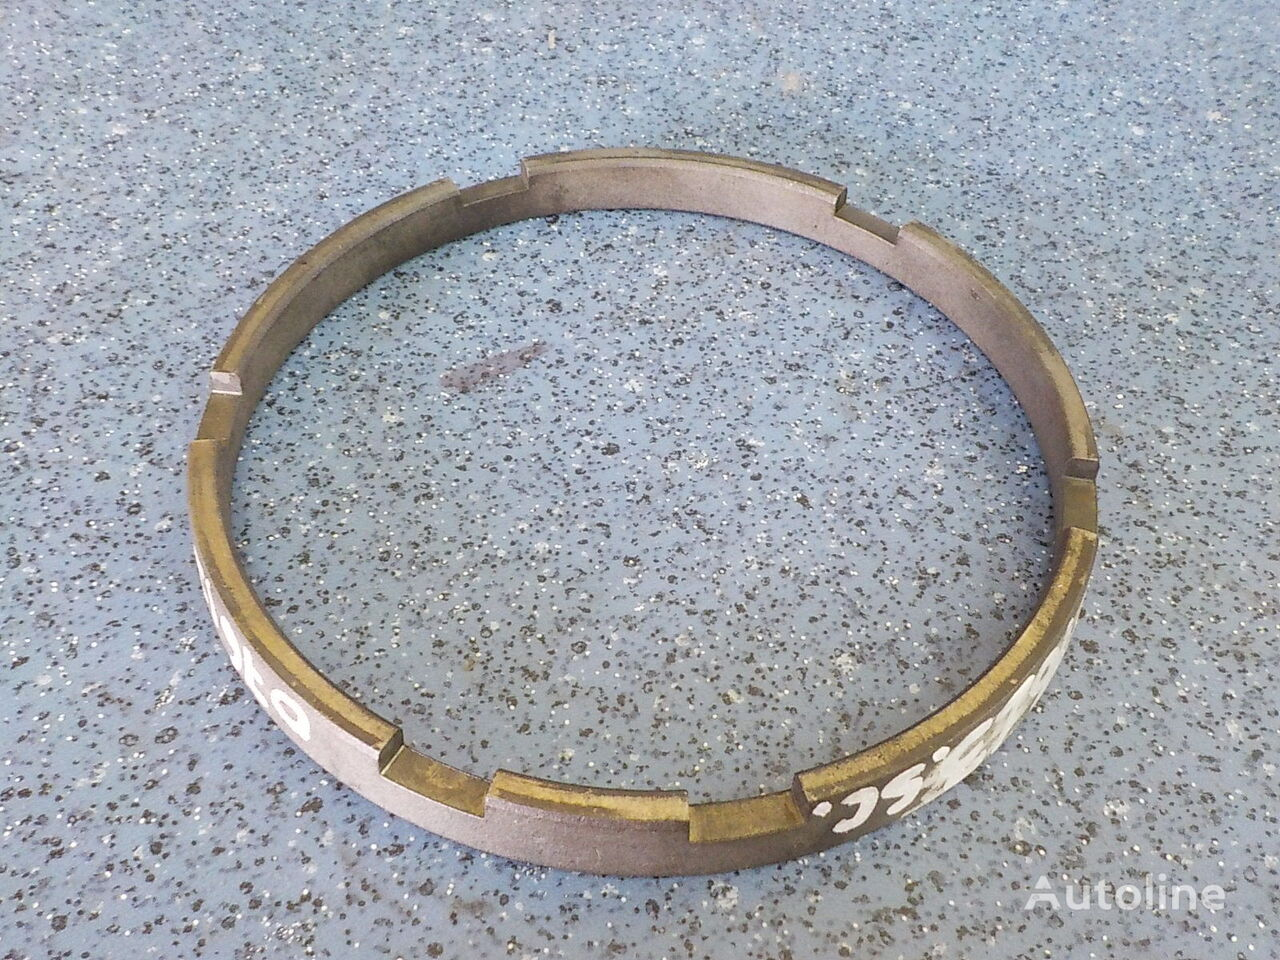 φορτηγό SCANIA για ανταλλακτικό  Konus sinhronizatora, satellitnoe koleso